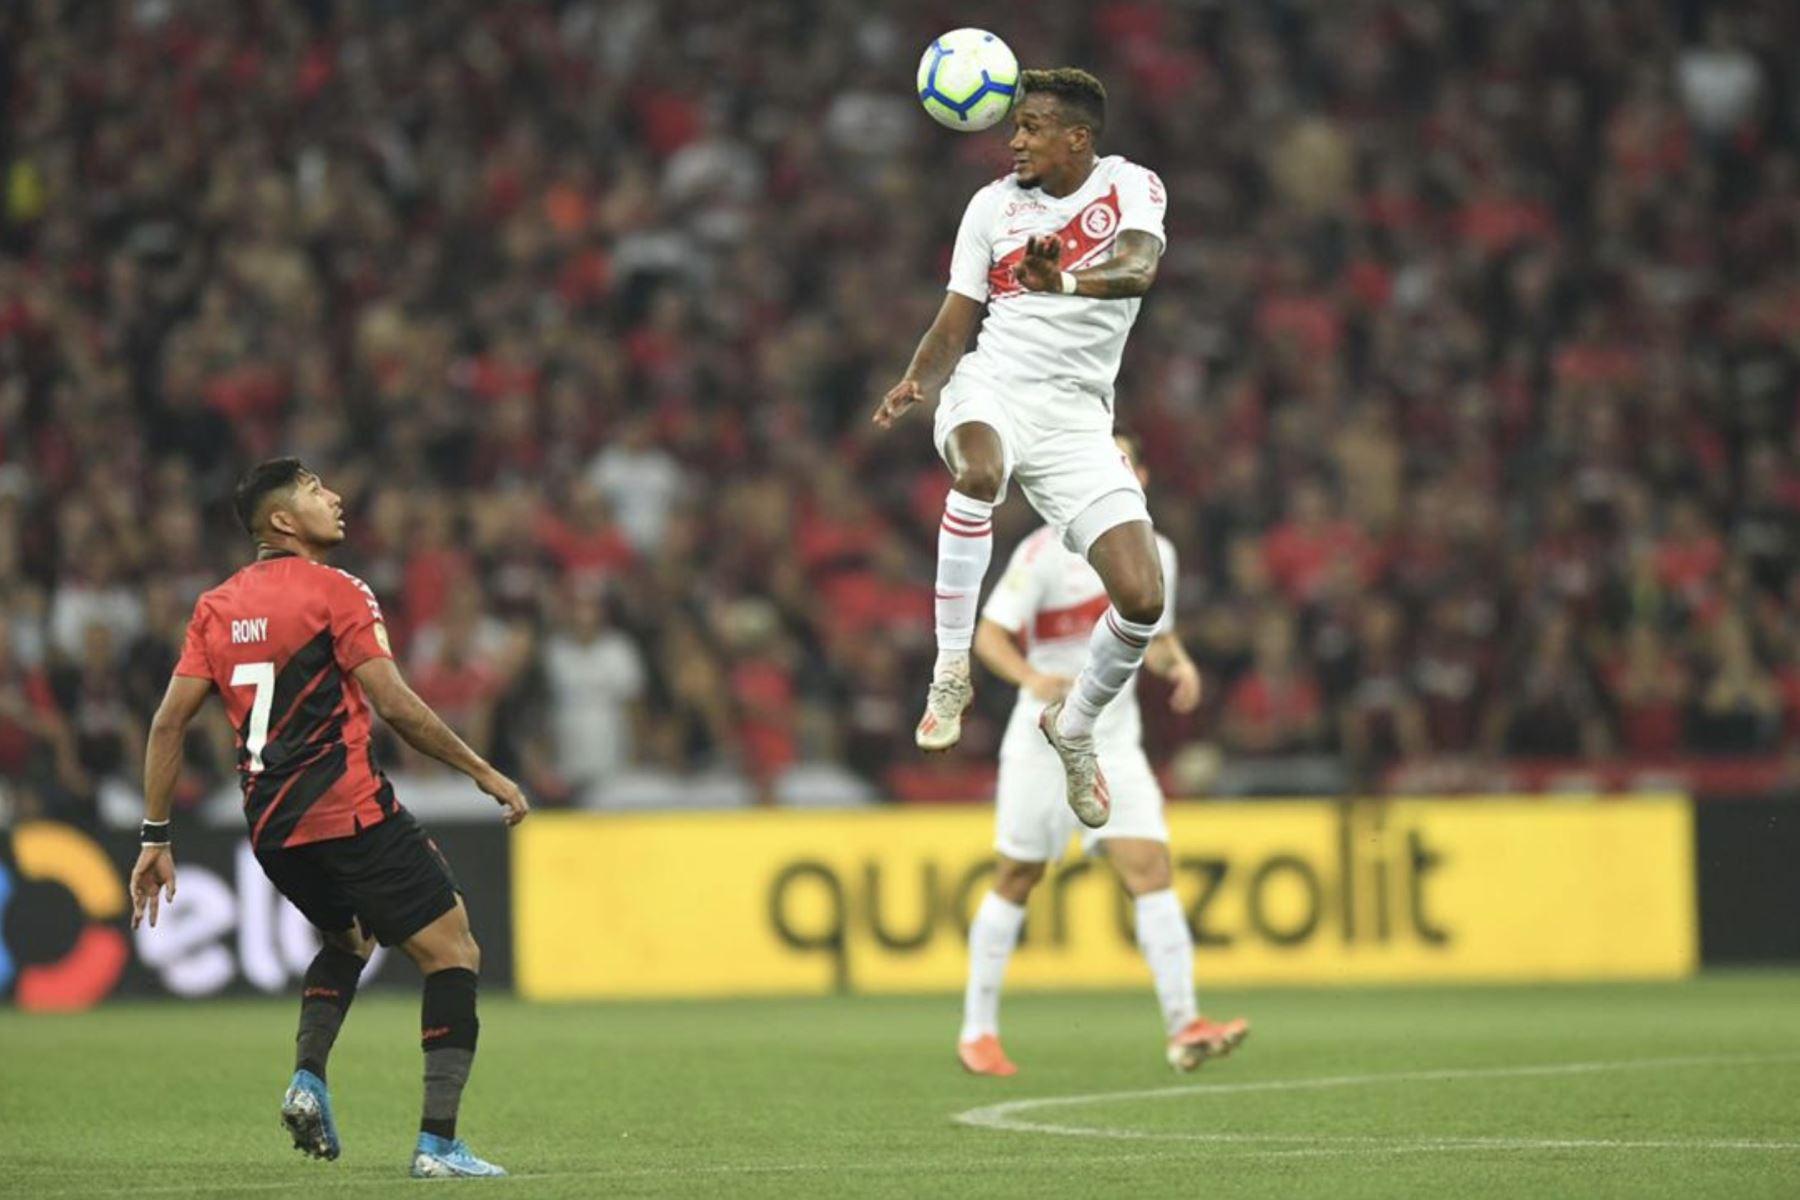 Edenilson Andrade dos Santos, jugador del Internacional rechaza el balón ante el  Paranaense, por la final de Copa Brasil. Foto:Twitter Internacional